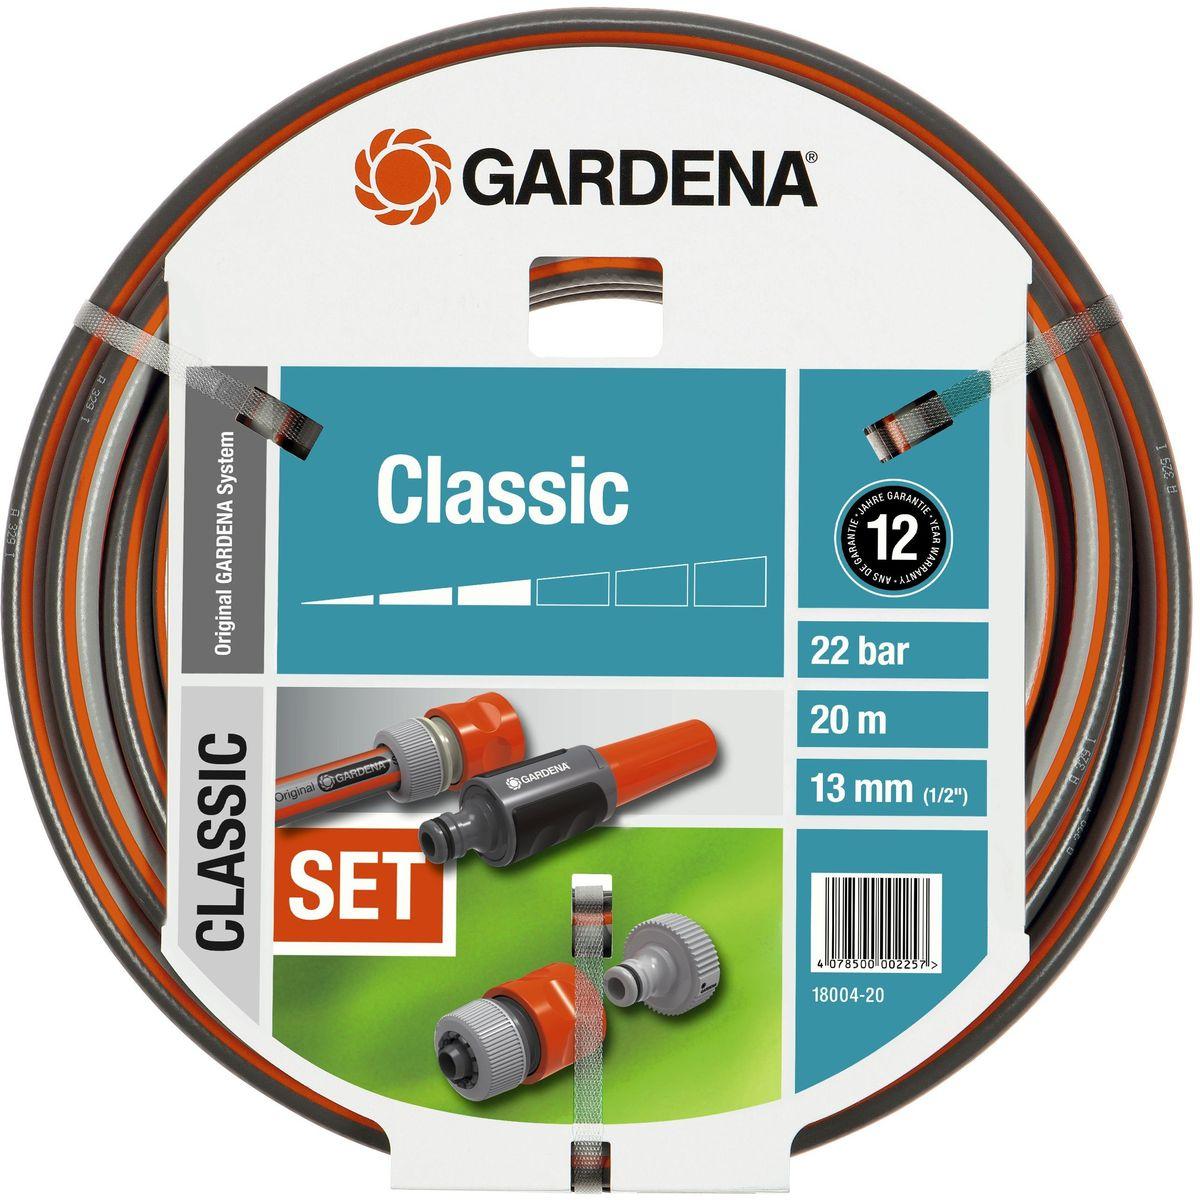 Шланг Gardena Classic, с аксессуарами, диаметр 1/2, длина 20 м18004-20.000.00Шланг Gardena Classic используется совместно с садовой техникой, например его быстро и просто подсоединить к водопроводному крану. Высококачественное армирование способствует сохранению первоначальной формы, не спутывается и не перекручивается. Шланг не восприимчив к УФ-излучению и в его составе отсутствуют фталаты и тяжелые металлы. Выдерживает давление до 22 бар. Благодаря толстым стенкам и высококачественным материалам шланг служит очень долго.В комплекте с данным шлангом поставляется комплект соединительных элементов Original Gardena System: резьбовой штуцер, адаптер, коннектор с автостопом и наконечник.